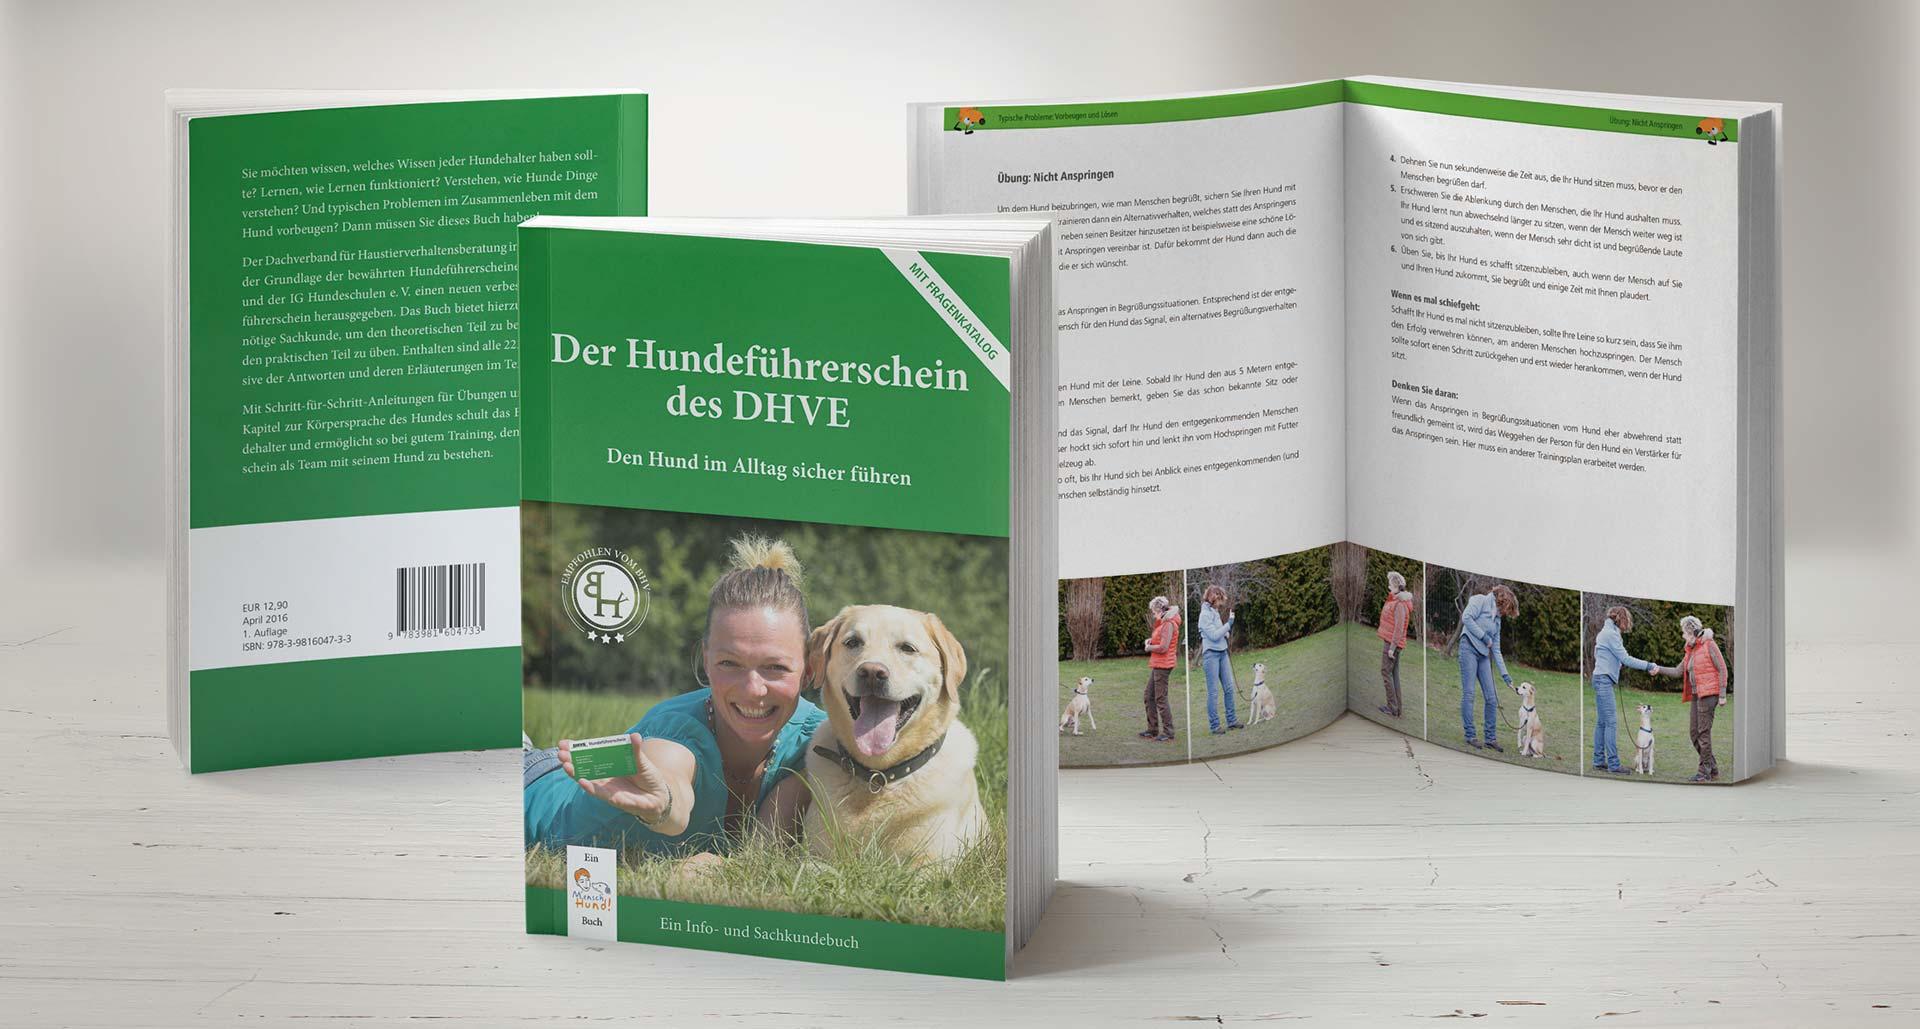 Buch Der Hundeführerschein des DHVE